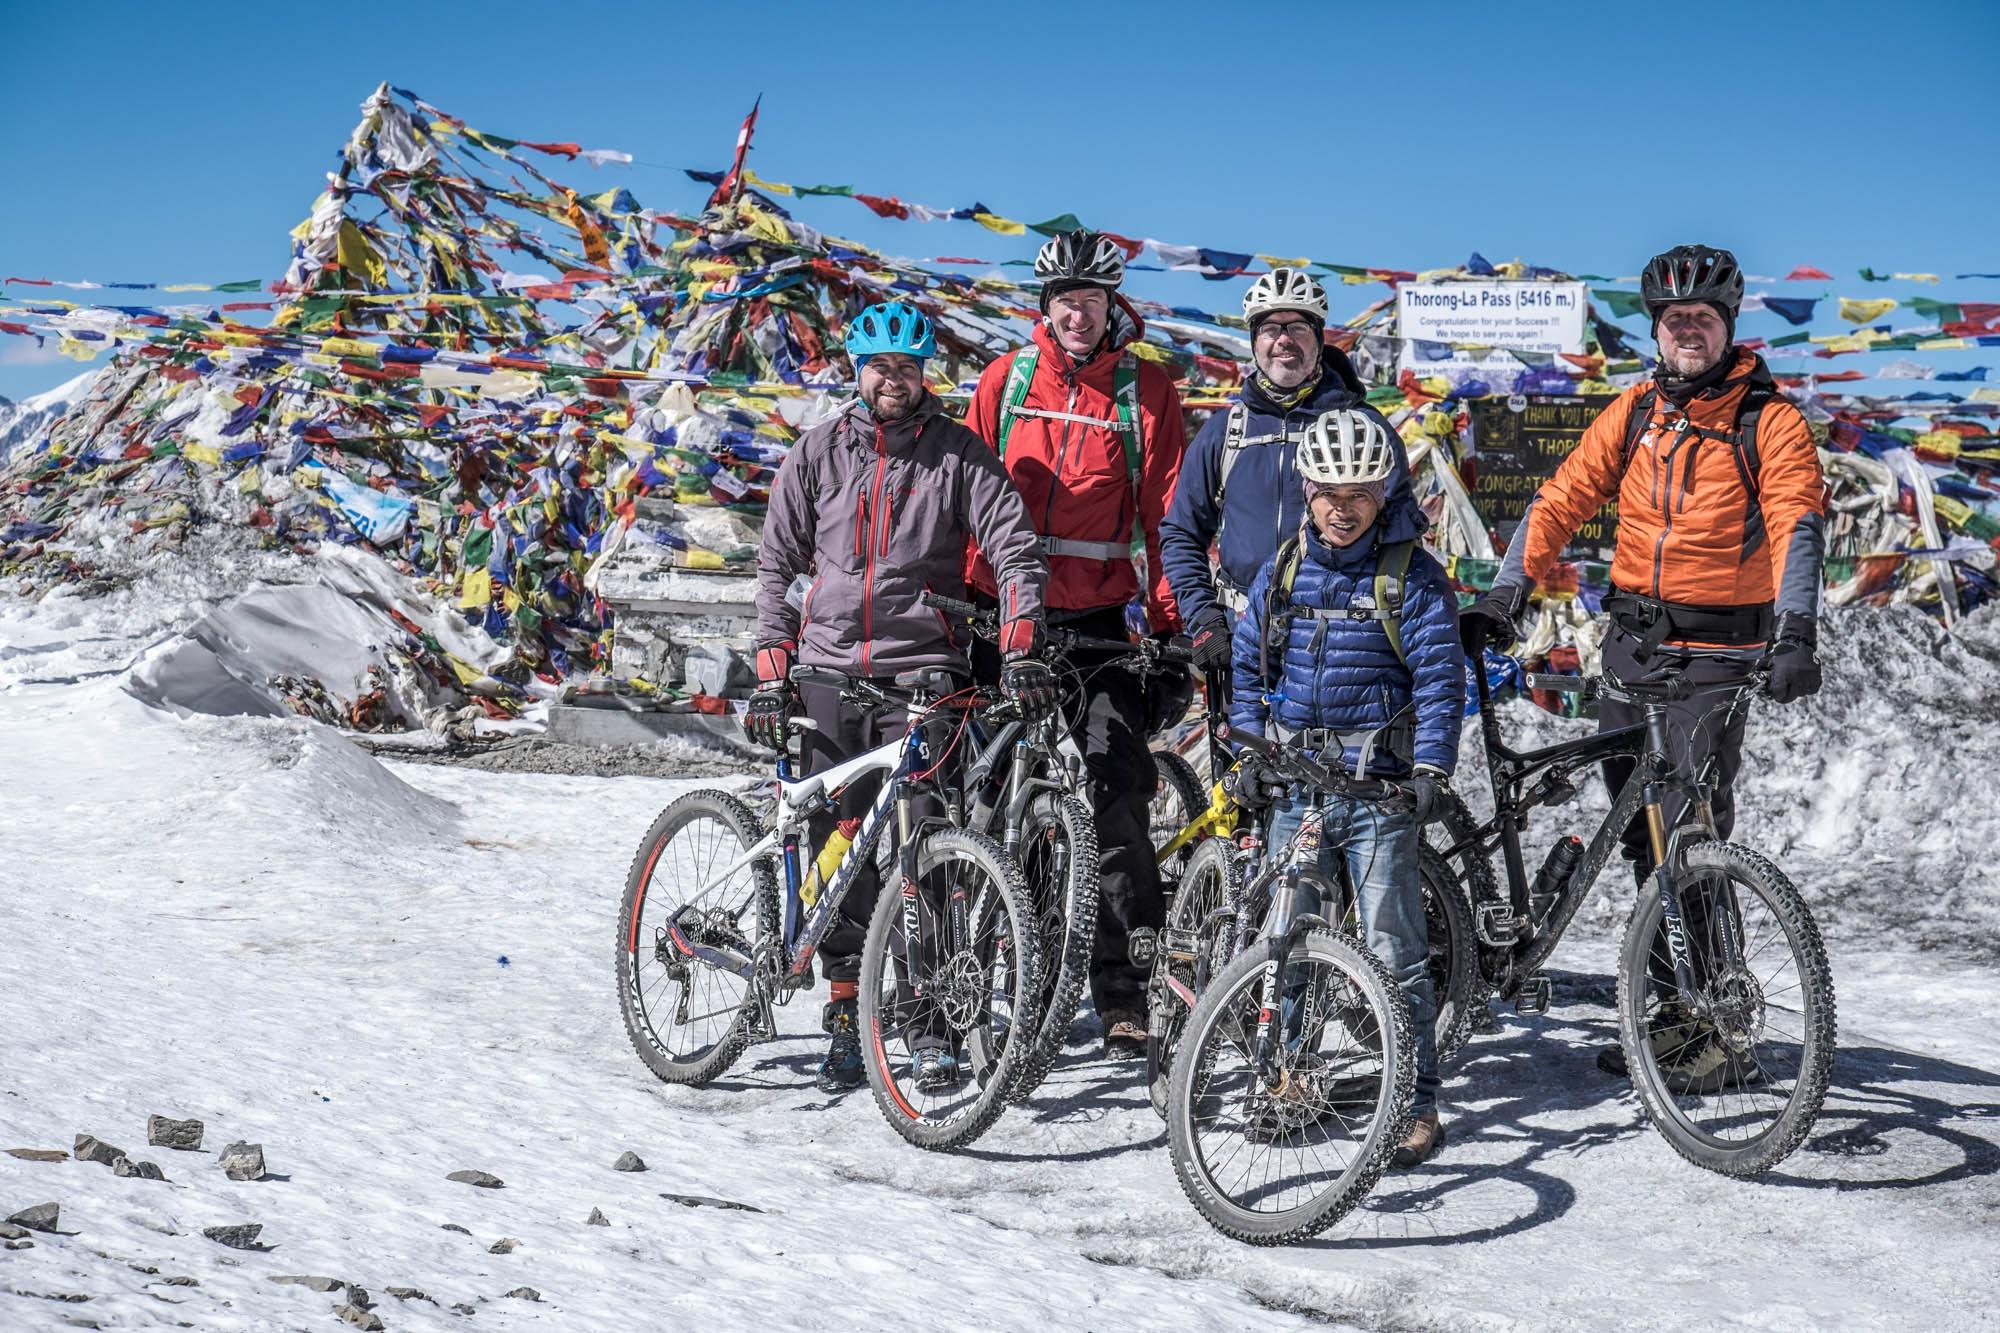 Eine Gruppe von Mountainbiker auf dem Throng-La Pass